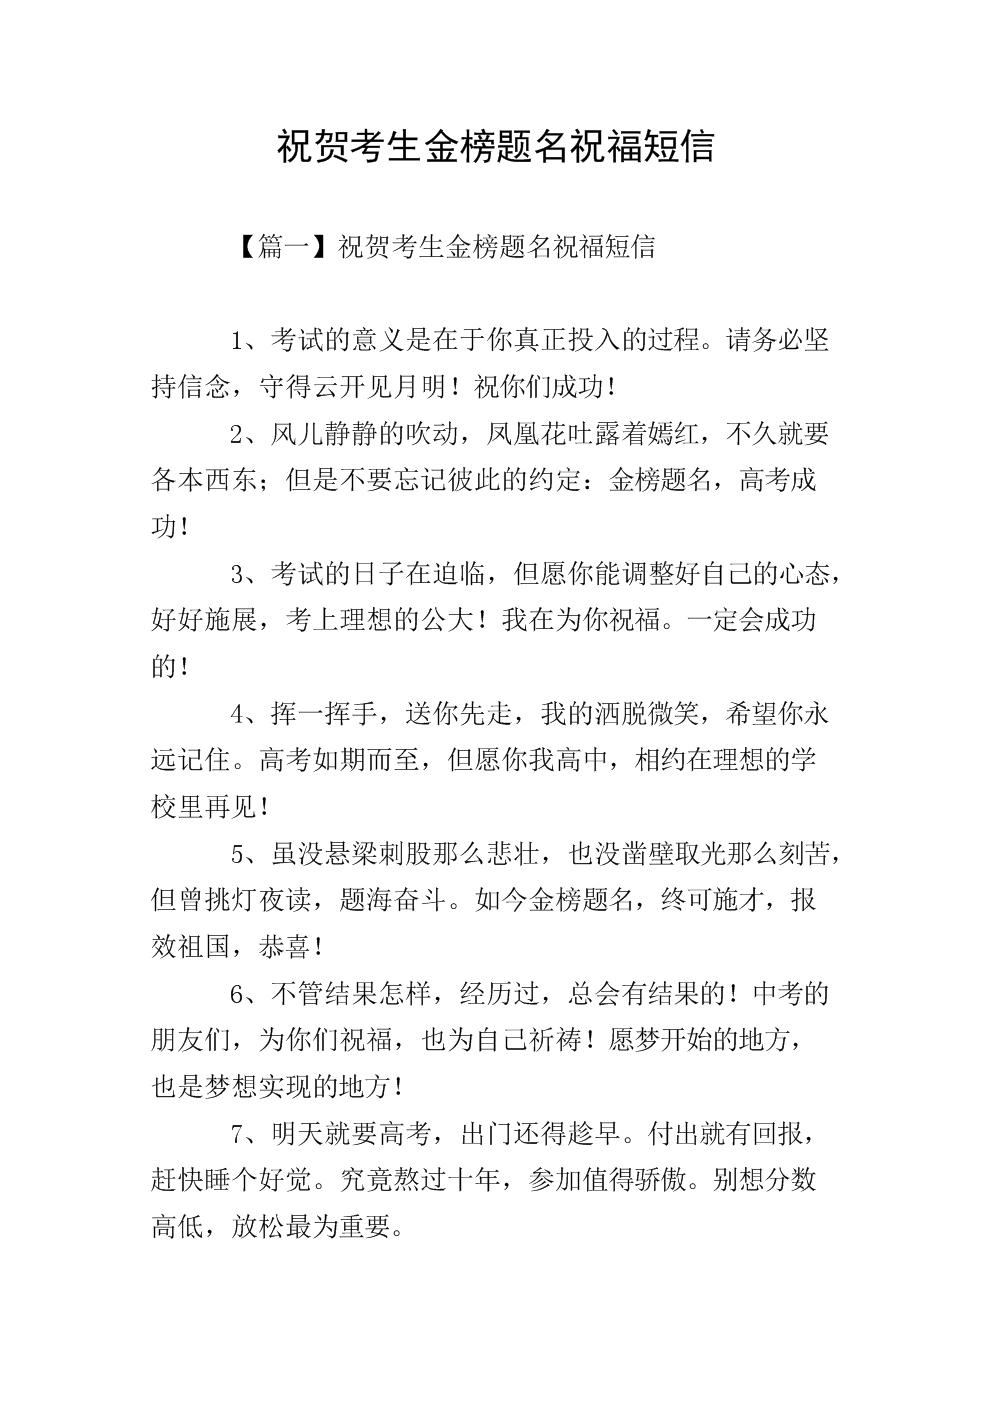 祝贺考生金榜题名祝福短信.doc